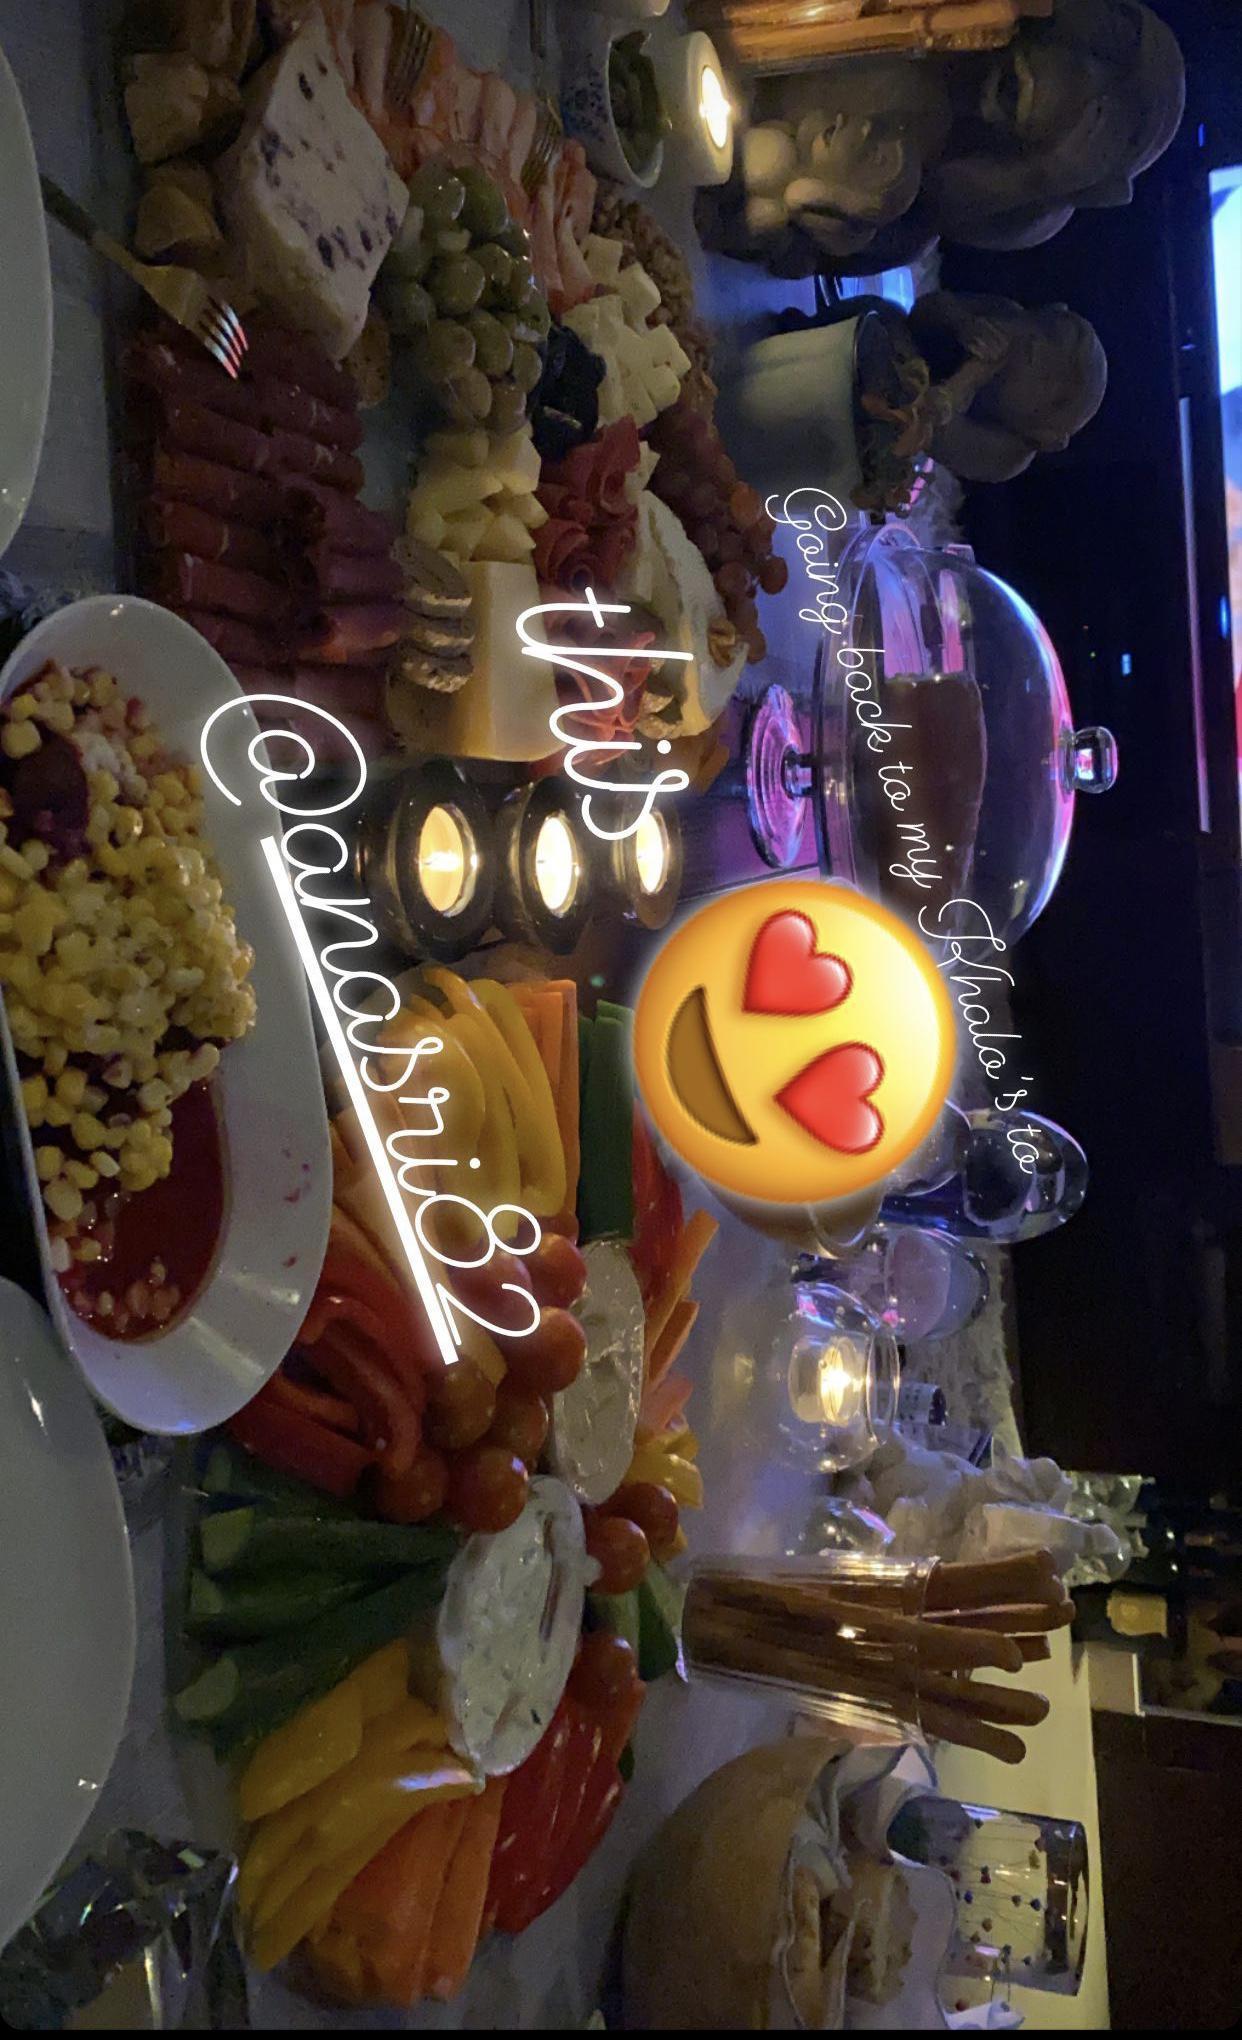 شام الذهبي وعشاء رومانسي في منتصف الليل مع من؟ - صورة